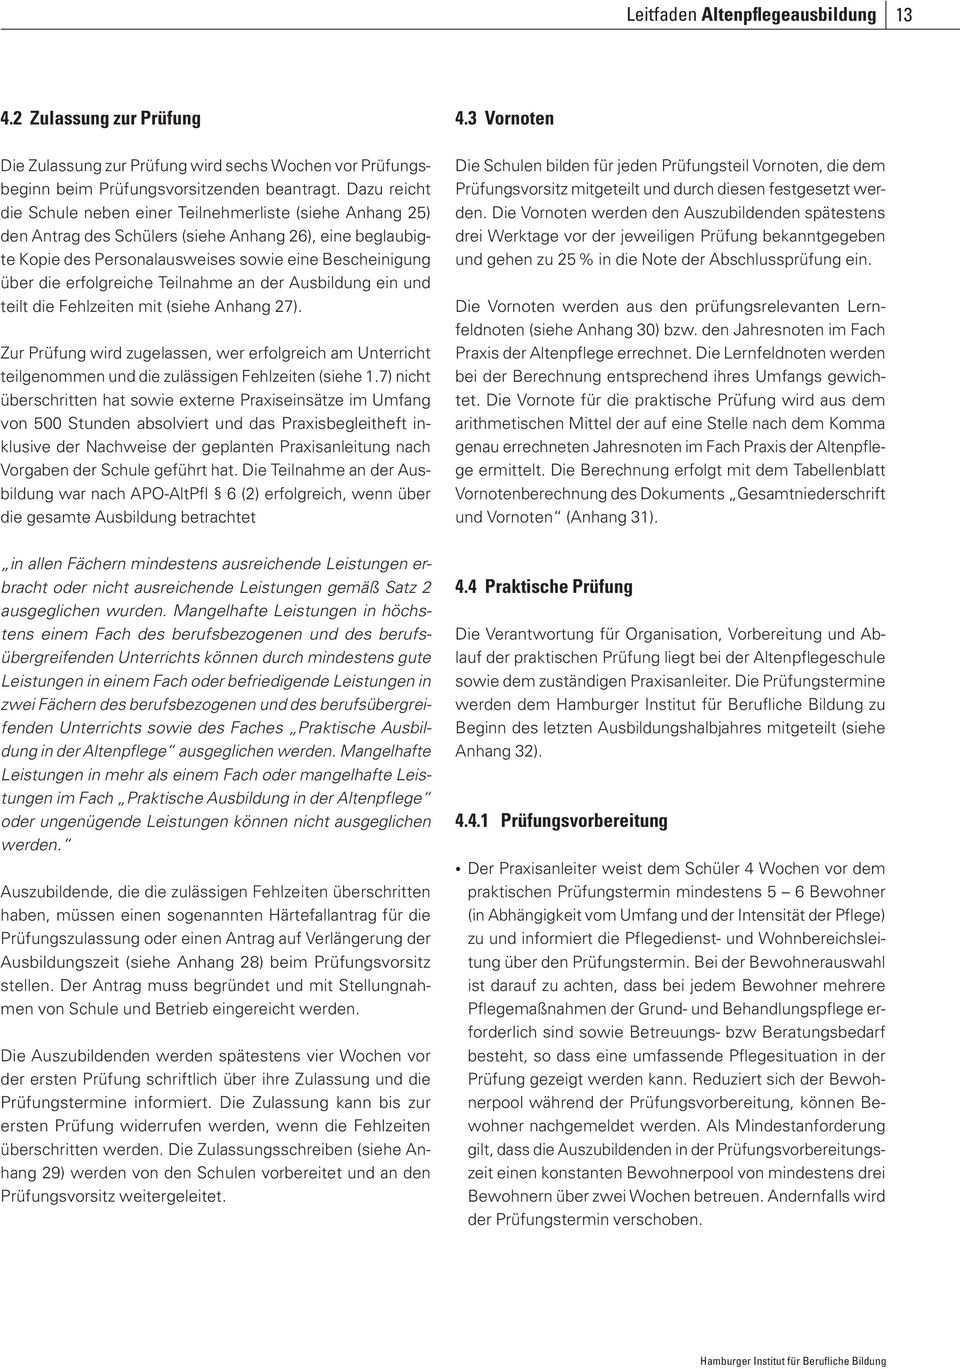 Leitfaden Fur Die Altenpflegeausbildung In Hamburg Pdf Free Download